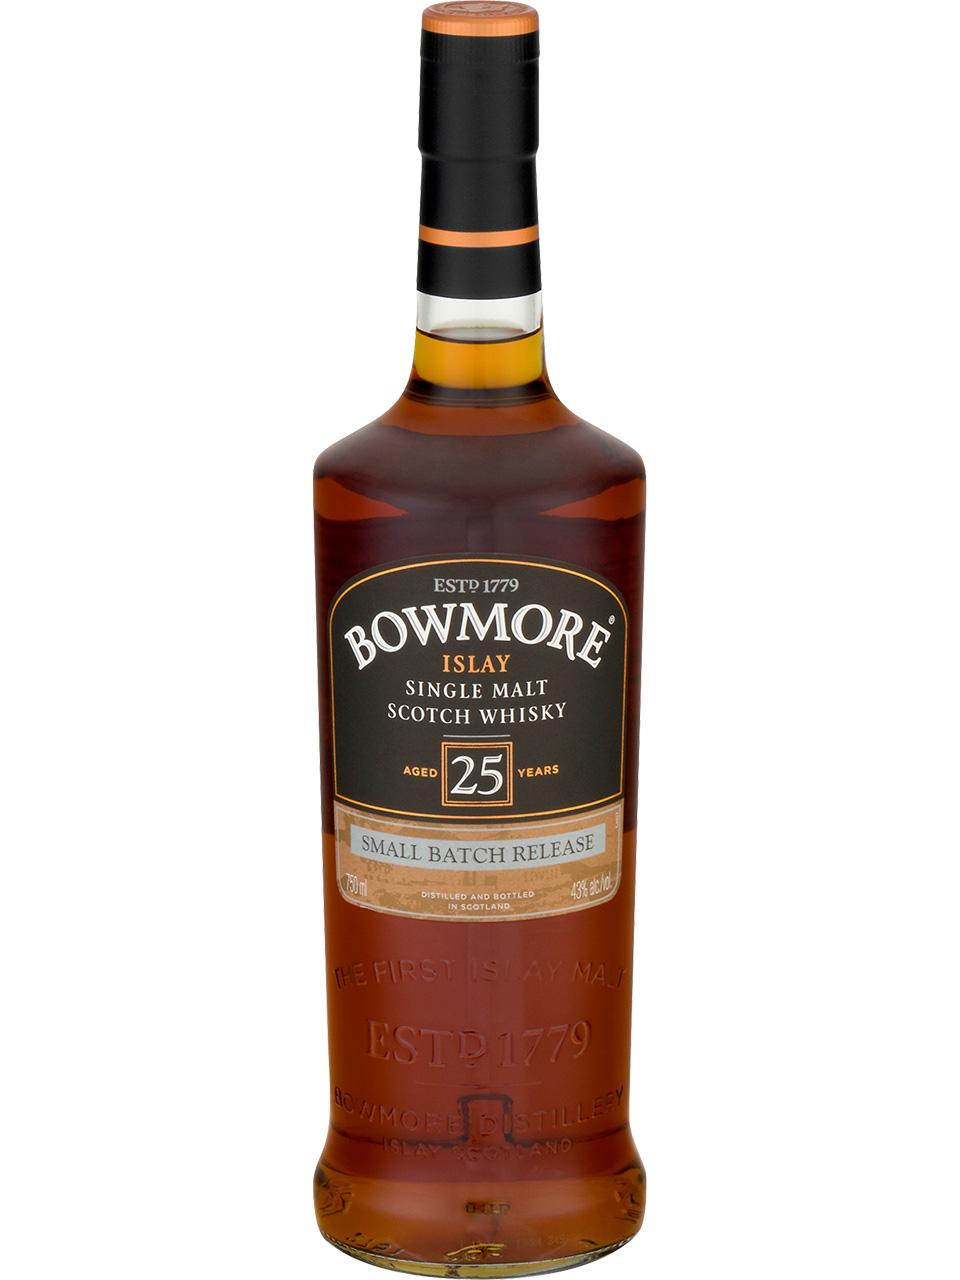 Bowmore 25 YO Single Malt Scotch Whisky